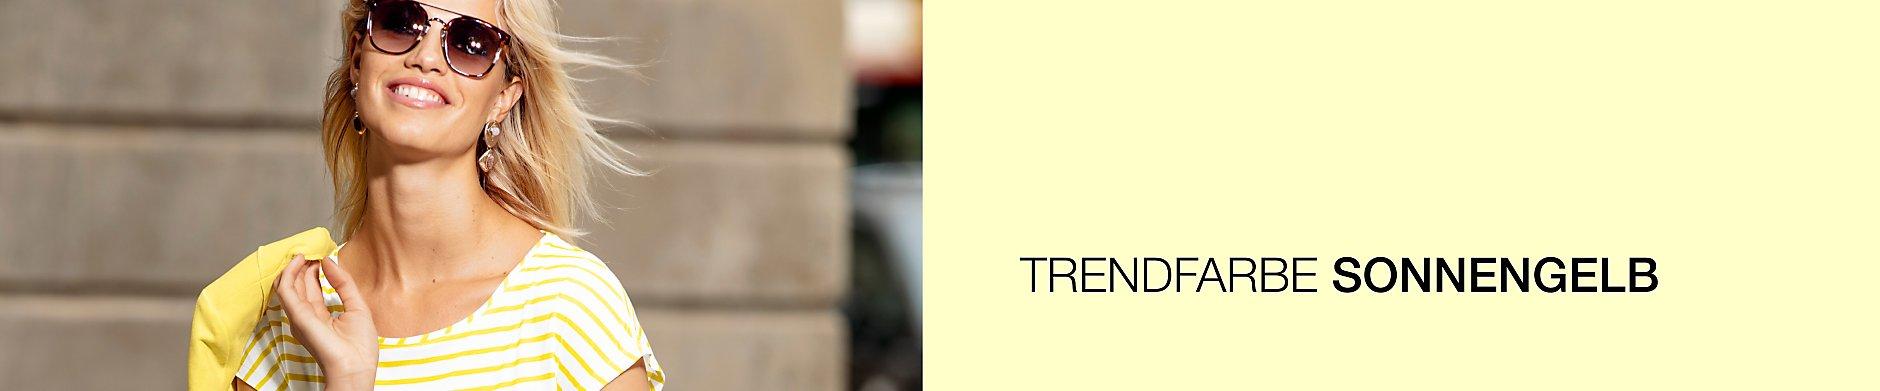 Trendfarbe: SONNENGELB